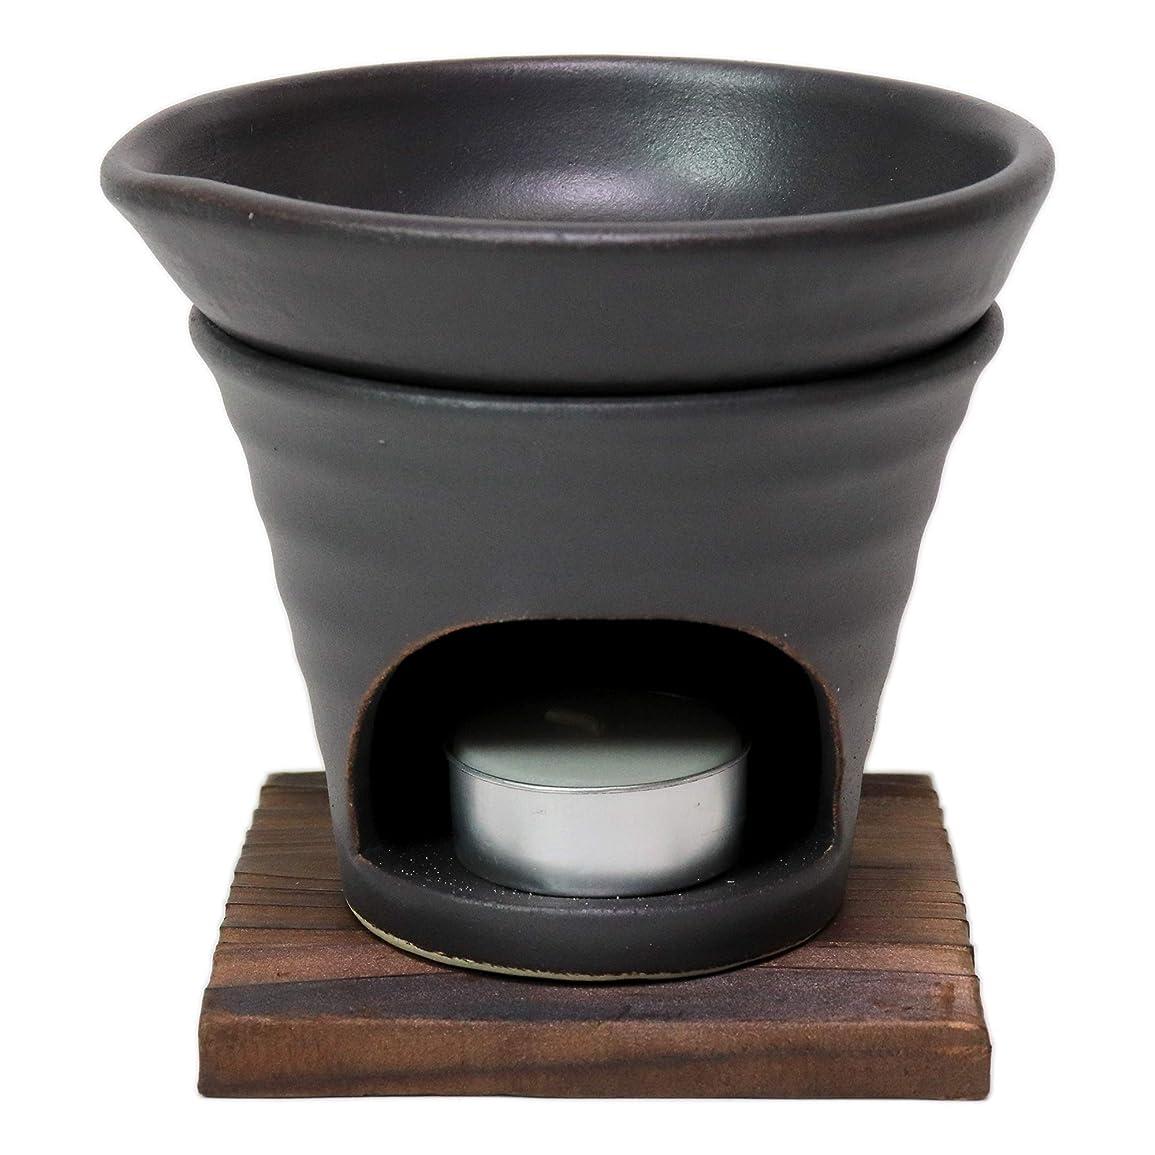 付与すずめあらゆる種類の香炉 黒釉 茶香炉(青) [R11.8xH11.5cm] HANDMADE プレゼント ギフト 和食器 かわいい インテリア